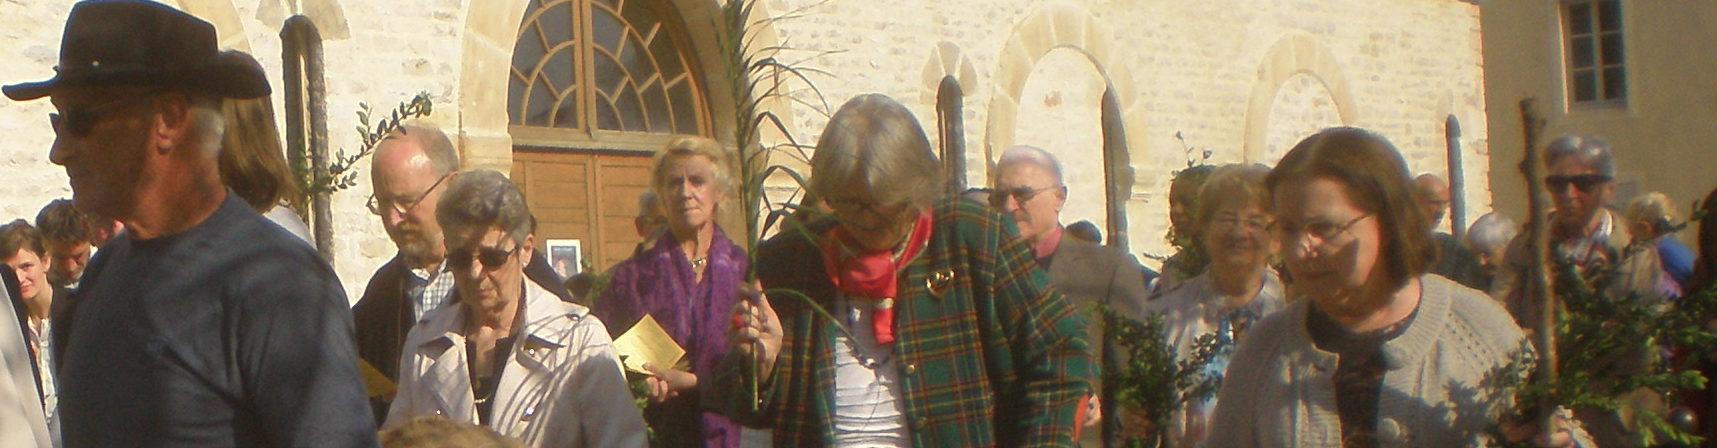 Paroisse de Cluny Saint Benoît